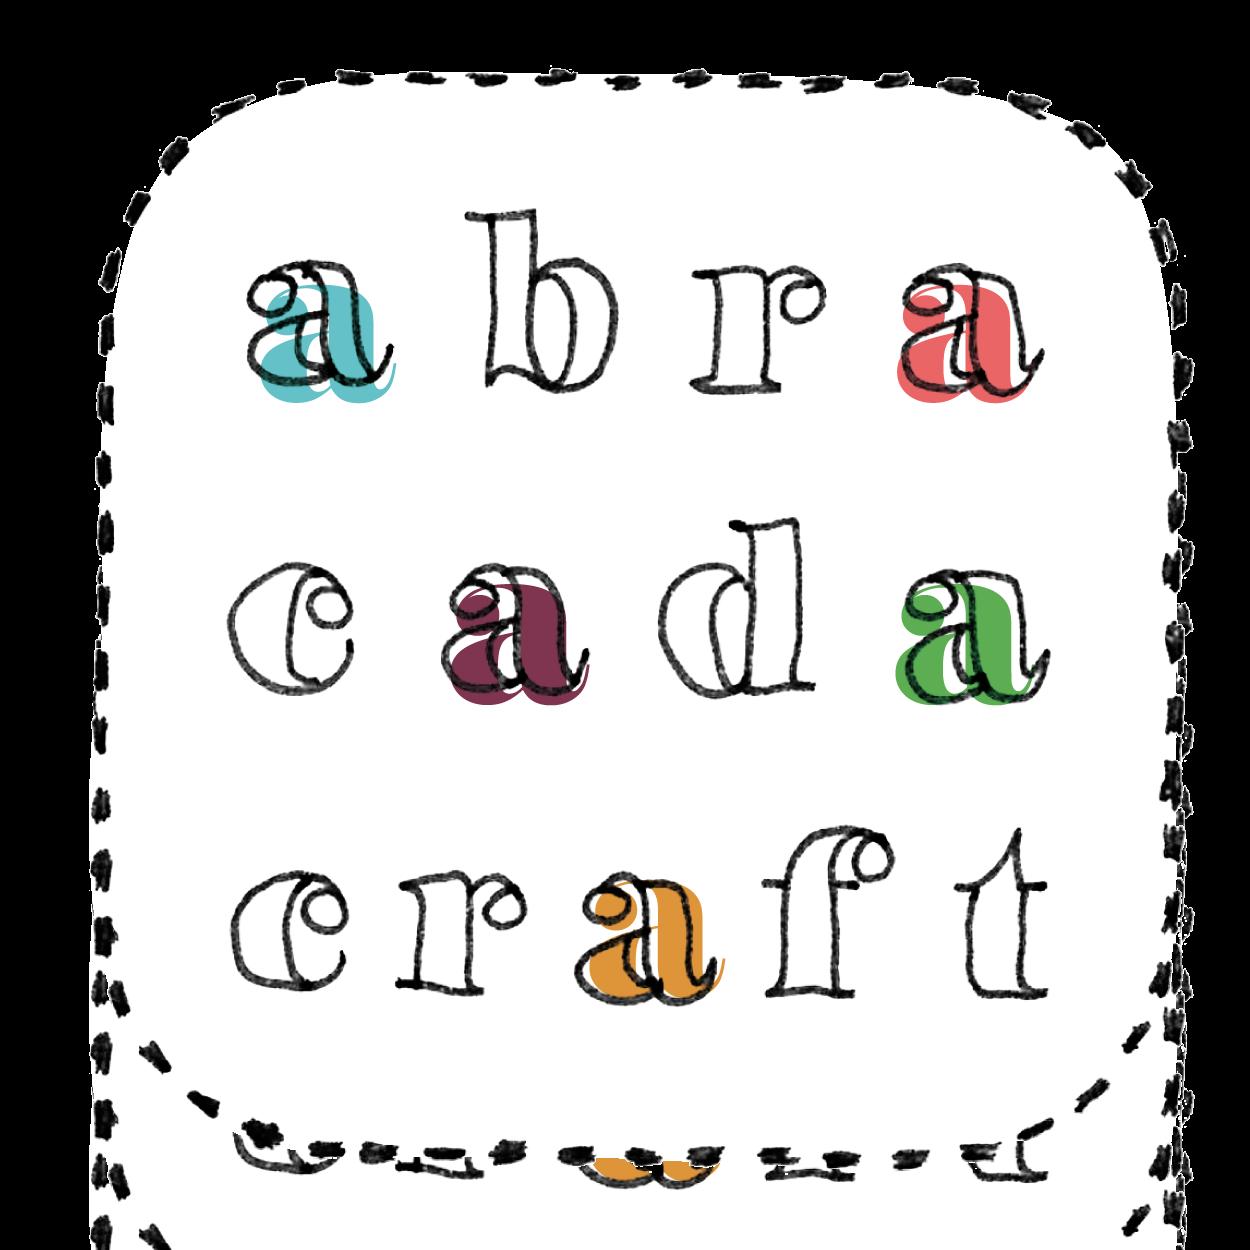 Abracadacraft, le concentré des blogs créatifs